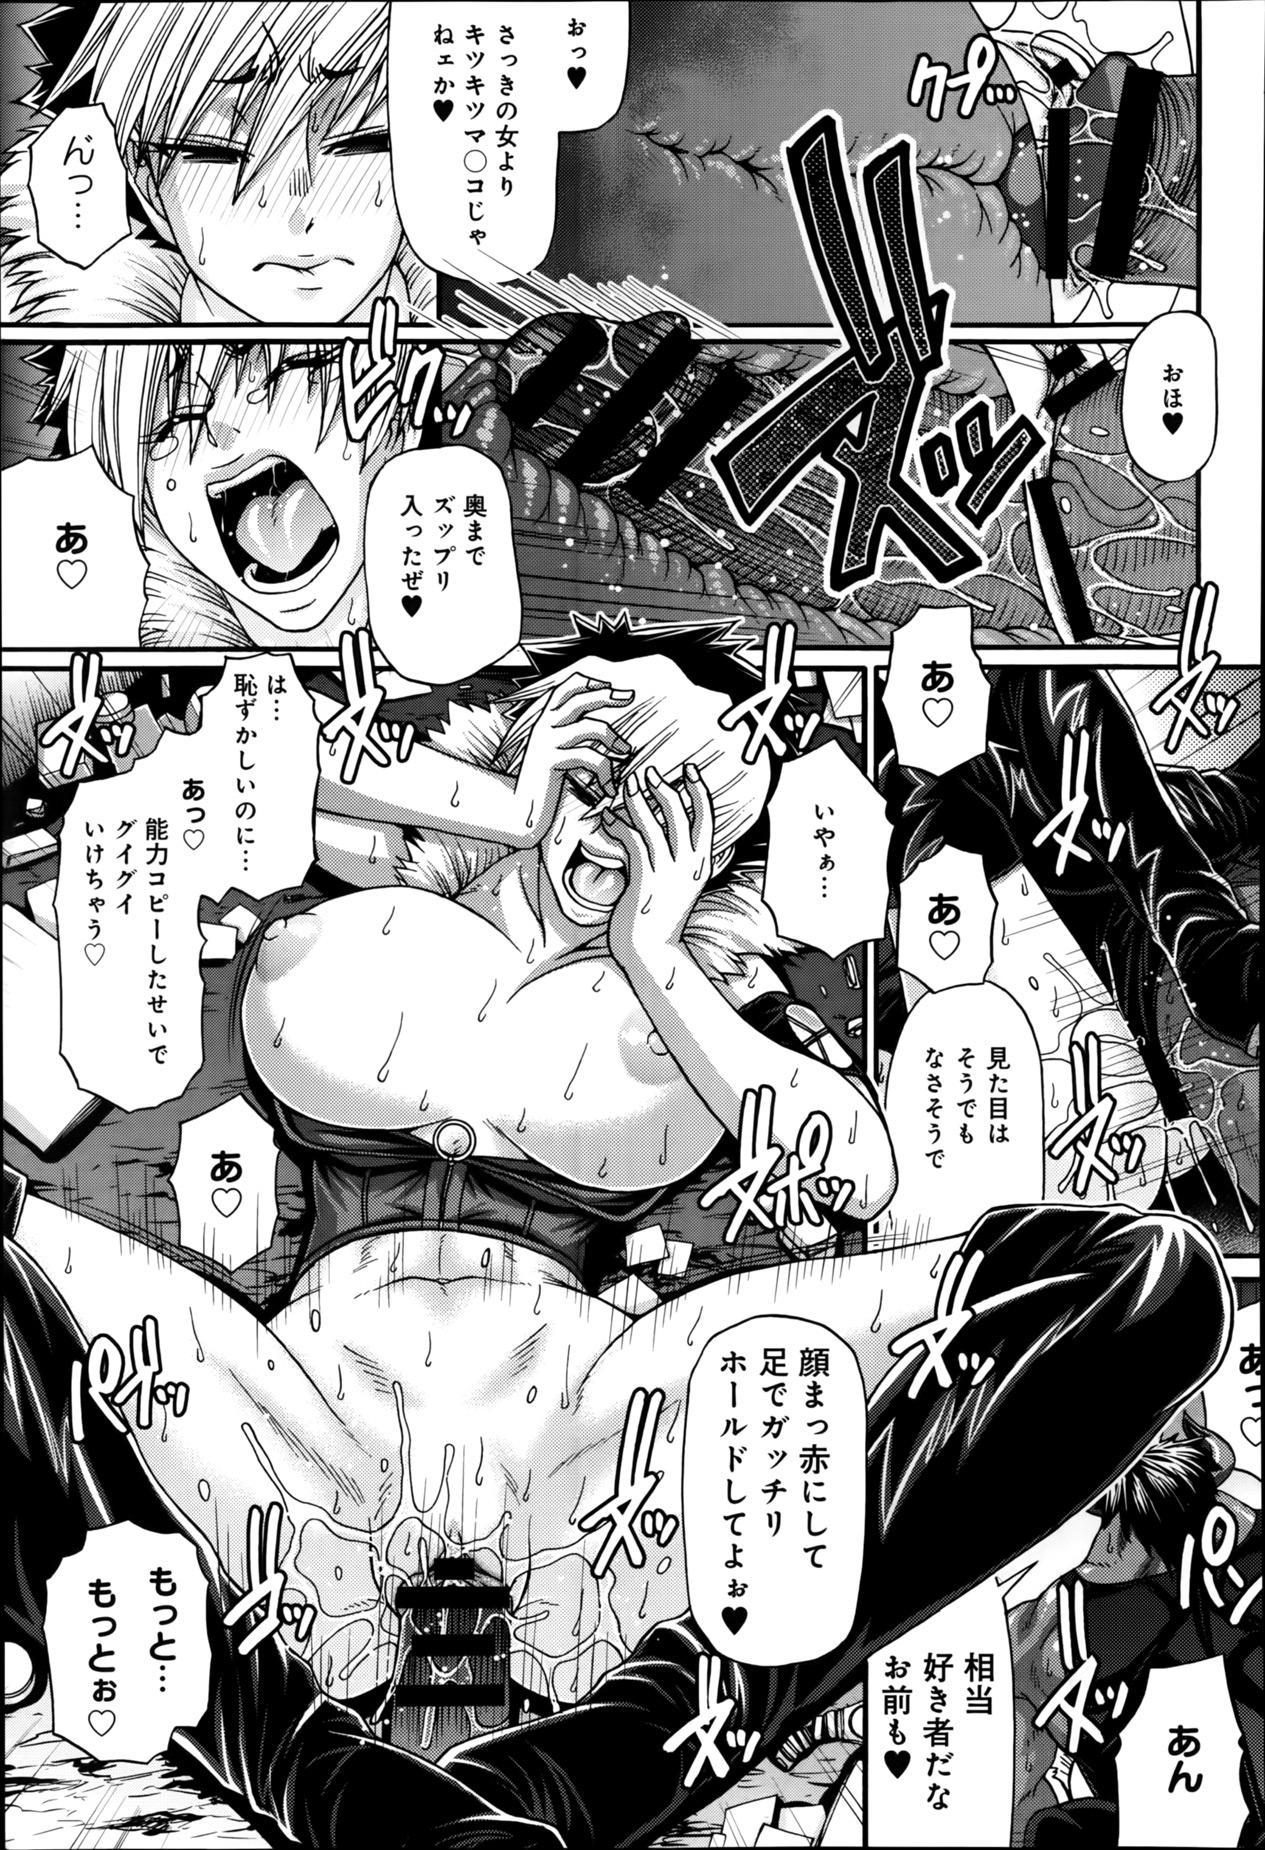 Comic Anthurium 009 2014-01 143